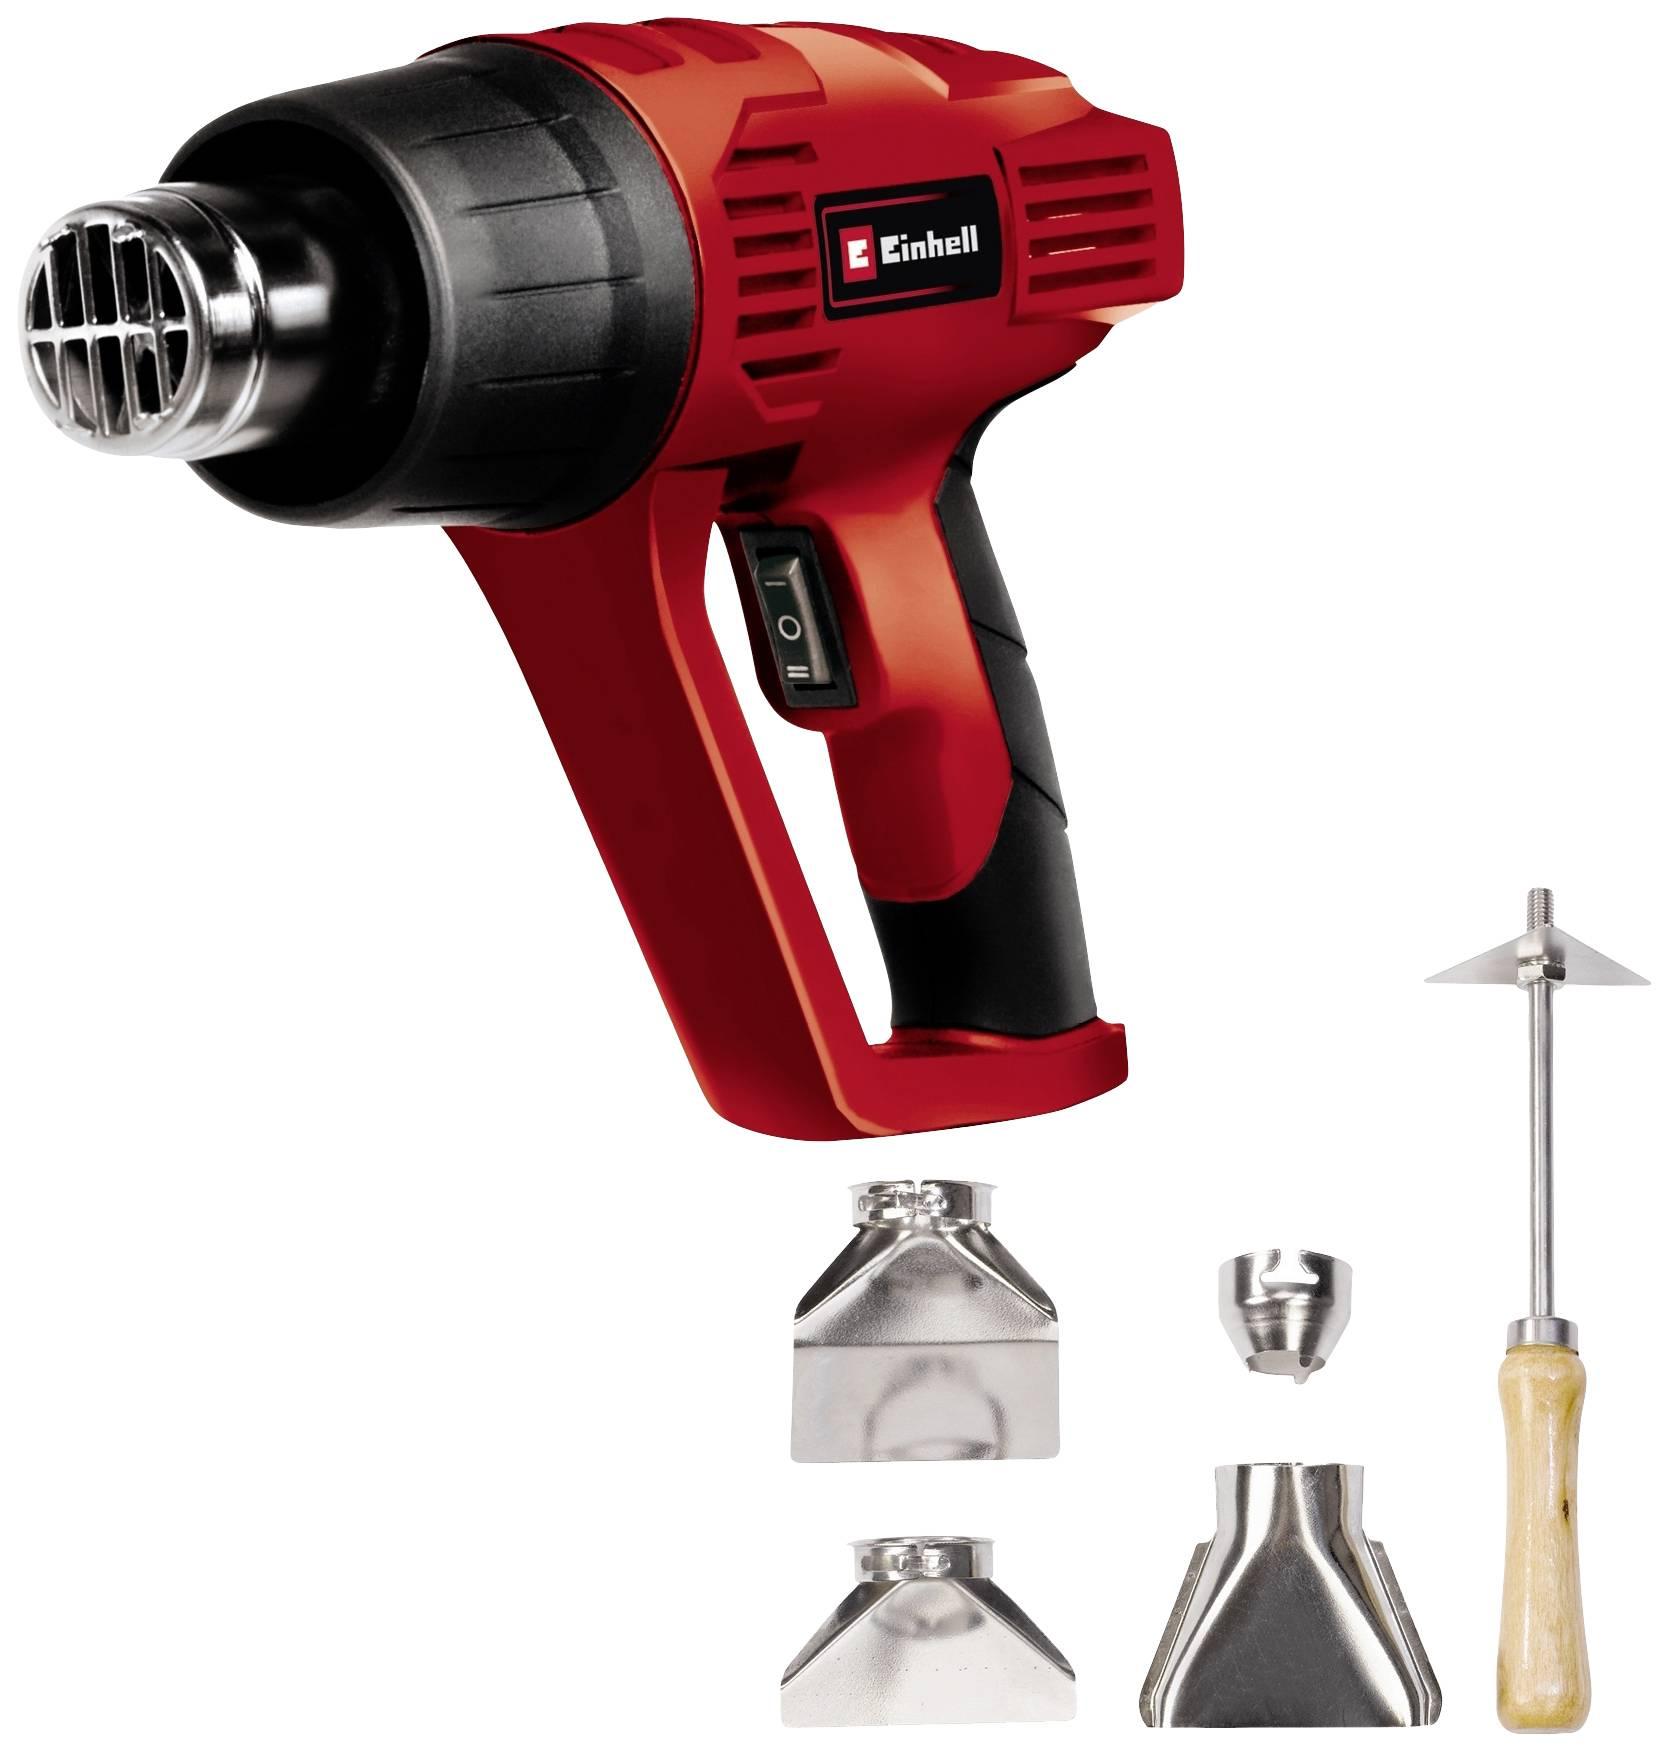 Teplovzdušná pištoľ Einhell TH-HA 2000/1 4520179, 2000 W, 350 °C, 550 °C